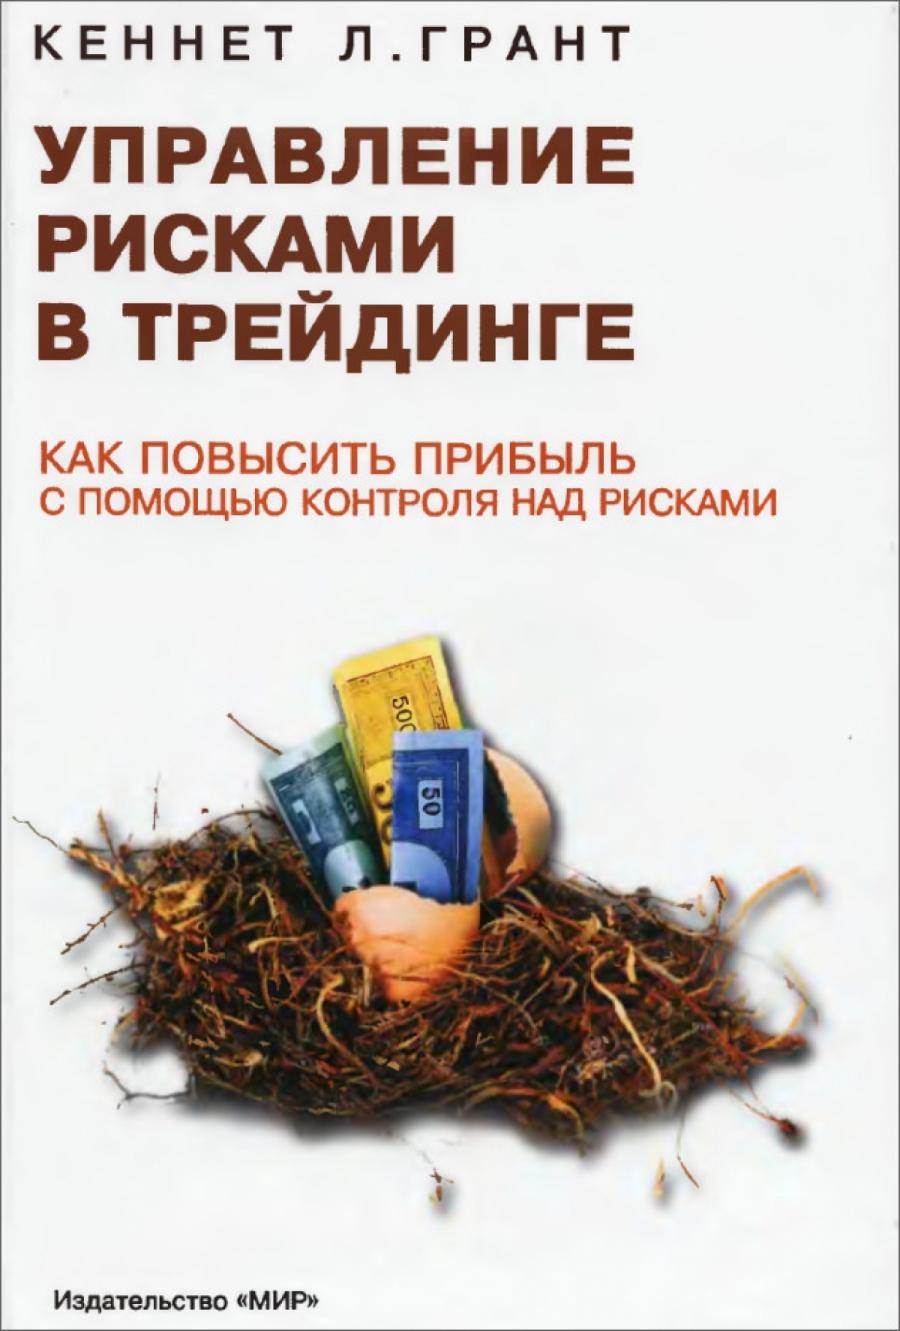 Обложка книги:  кеннет л. грант - управление рисками в трейдинге. как повысить прибыльность с помощью контроля над рисками